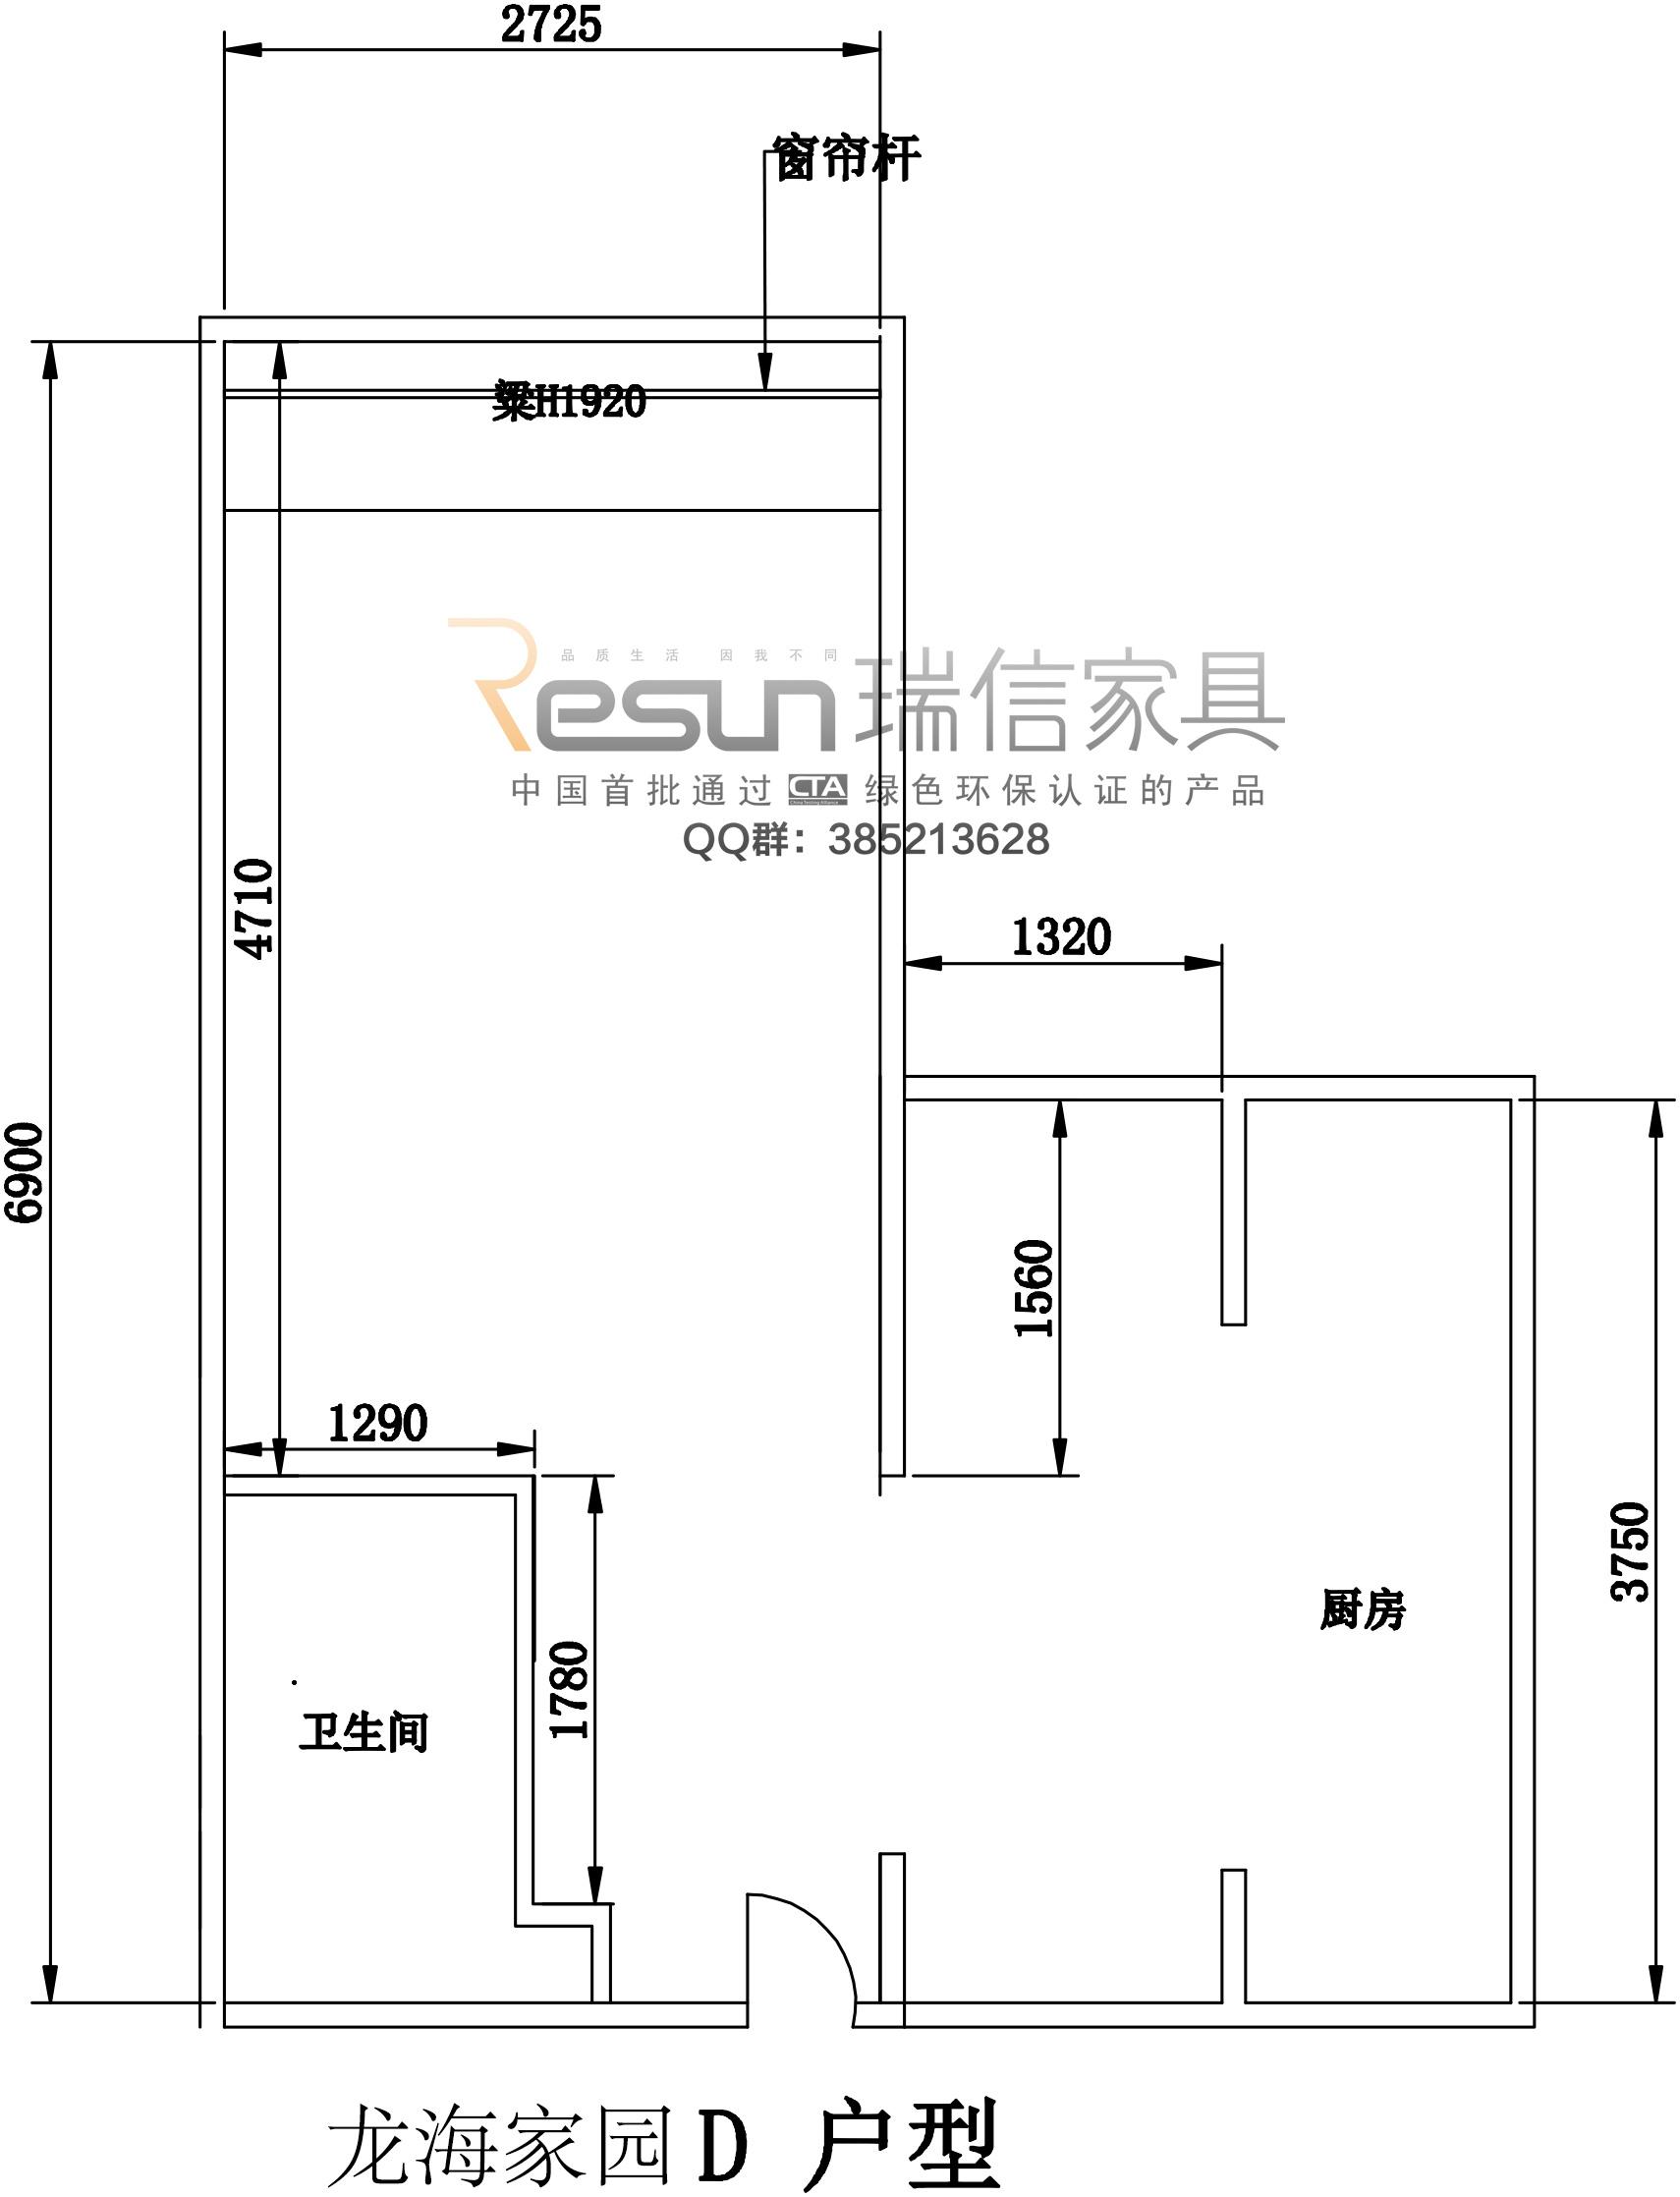 【龙海家园户型小百科】含房间实际尺寸及实勘图片 炎炎夏日省去各位